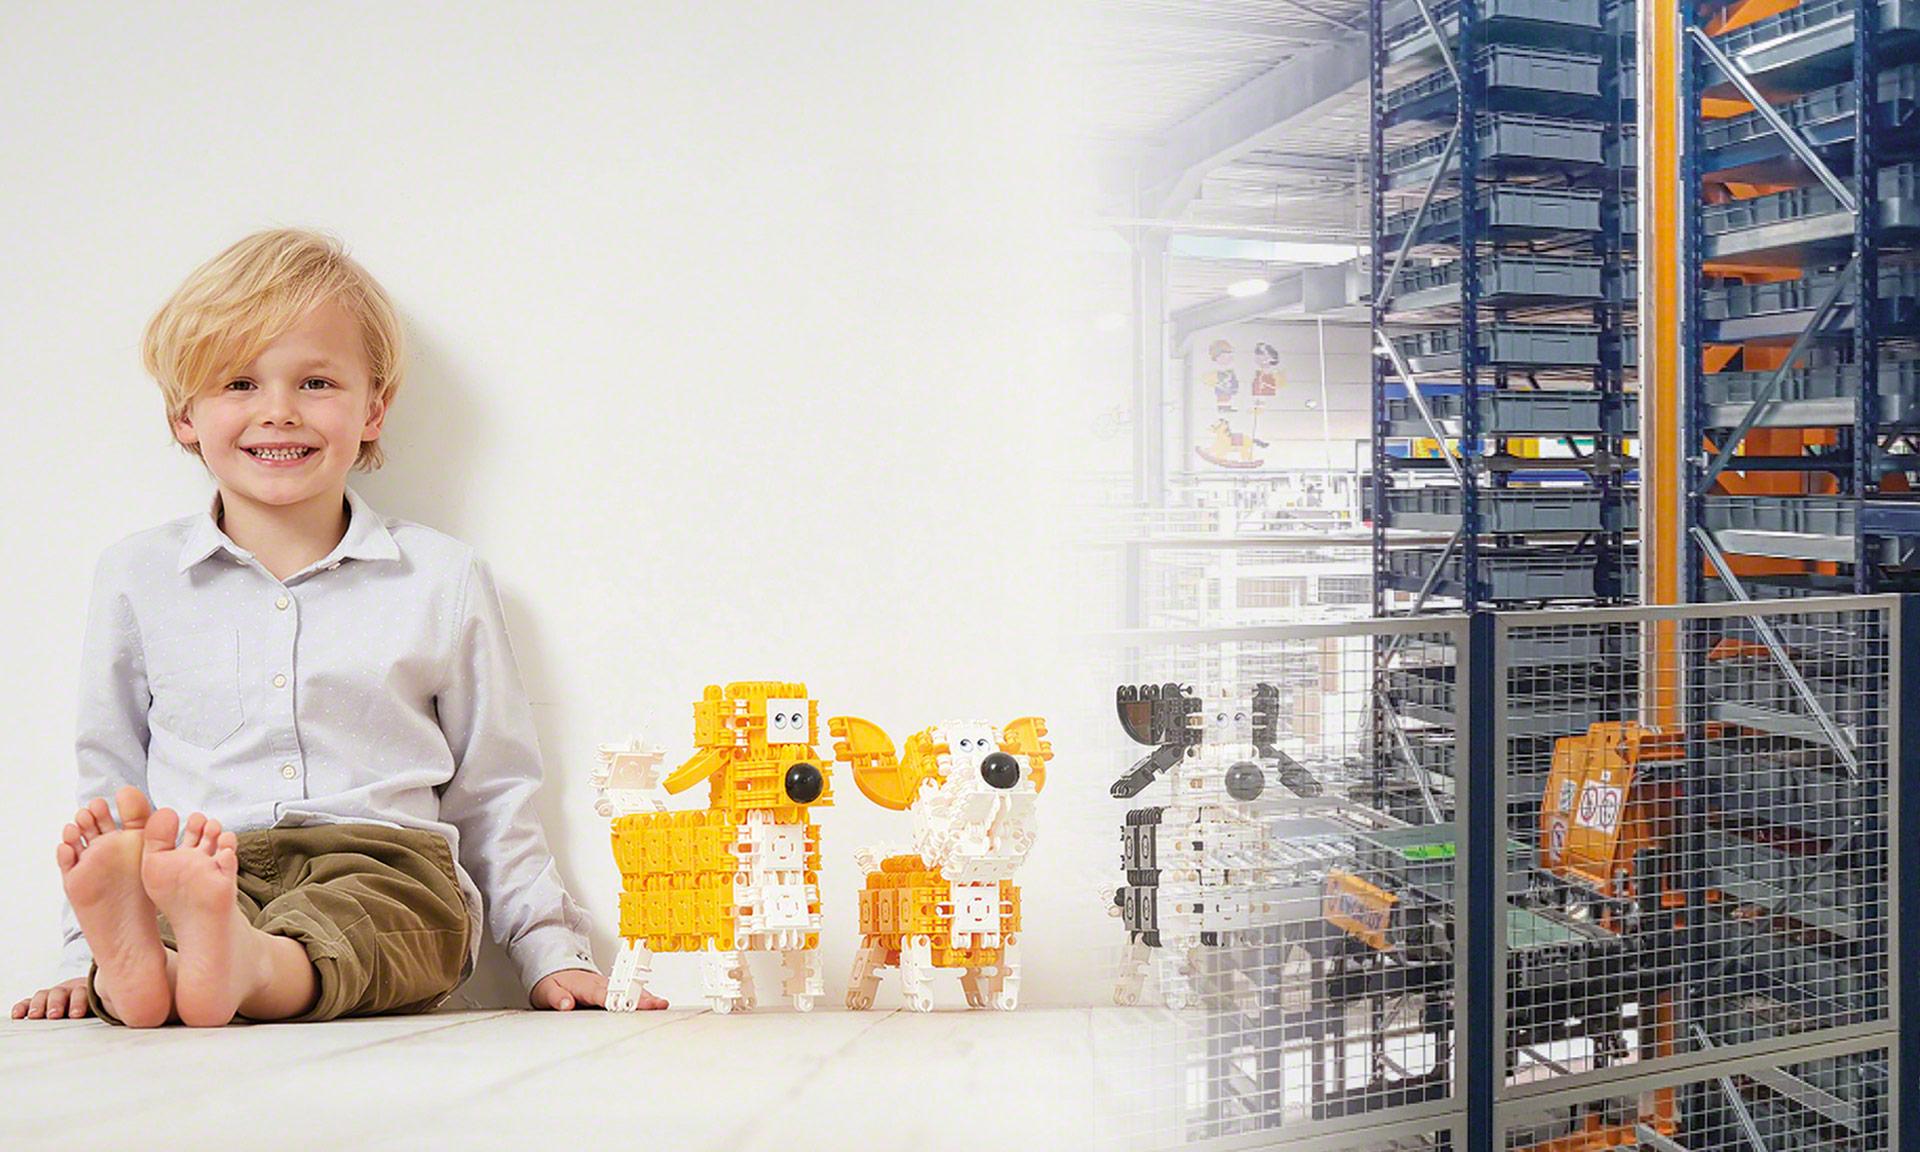 Clics Toys: Automatisierte Verwaltung von mehr als 150Millionen Teilen jährlich